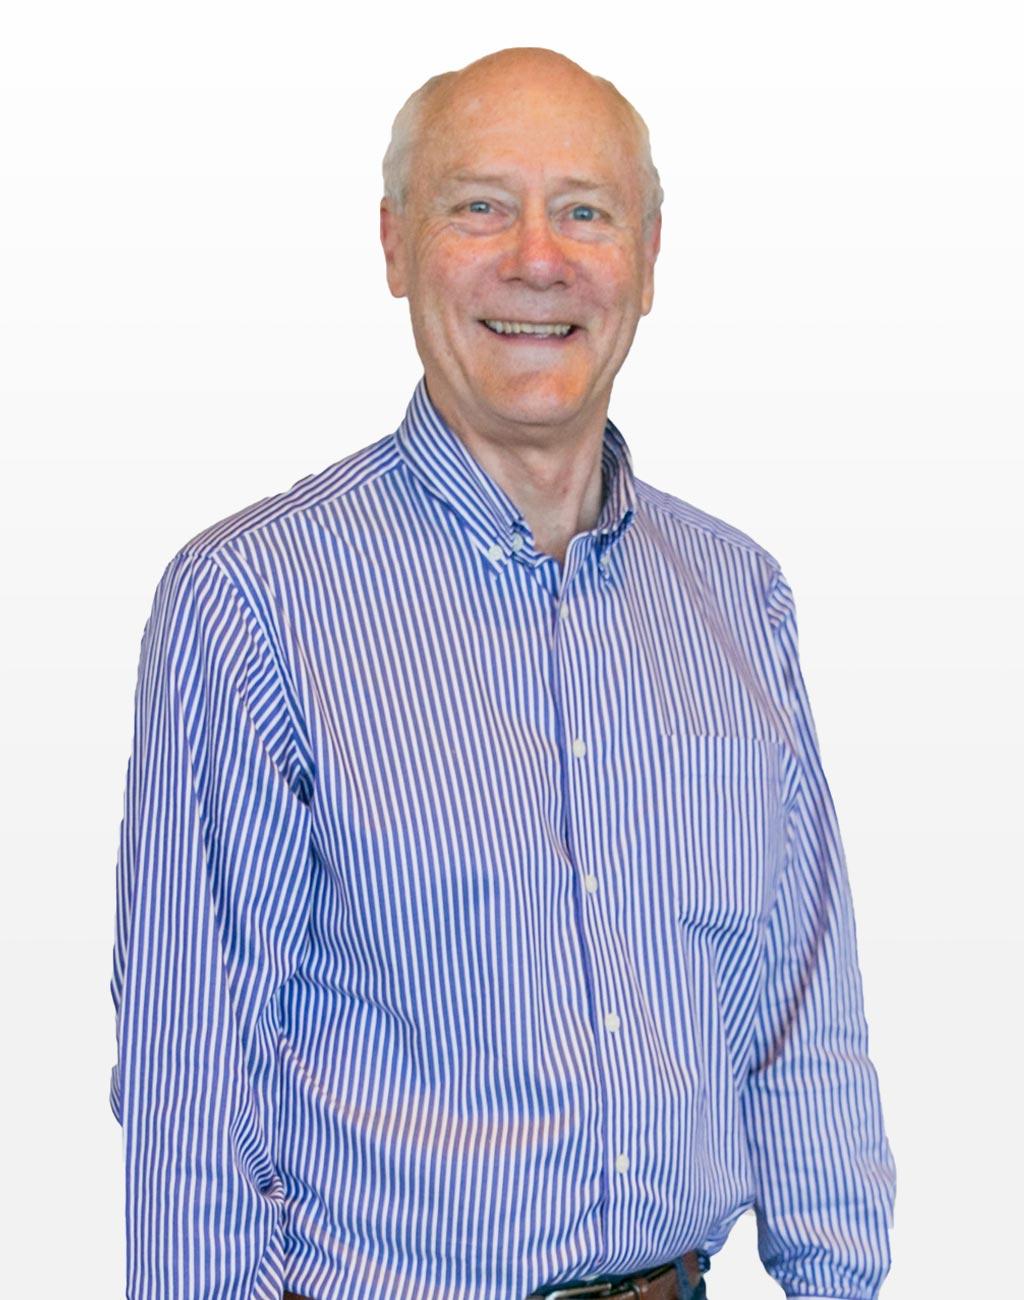 Frank Zipfinger